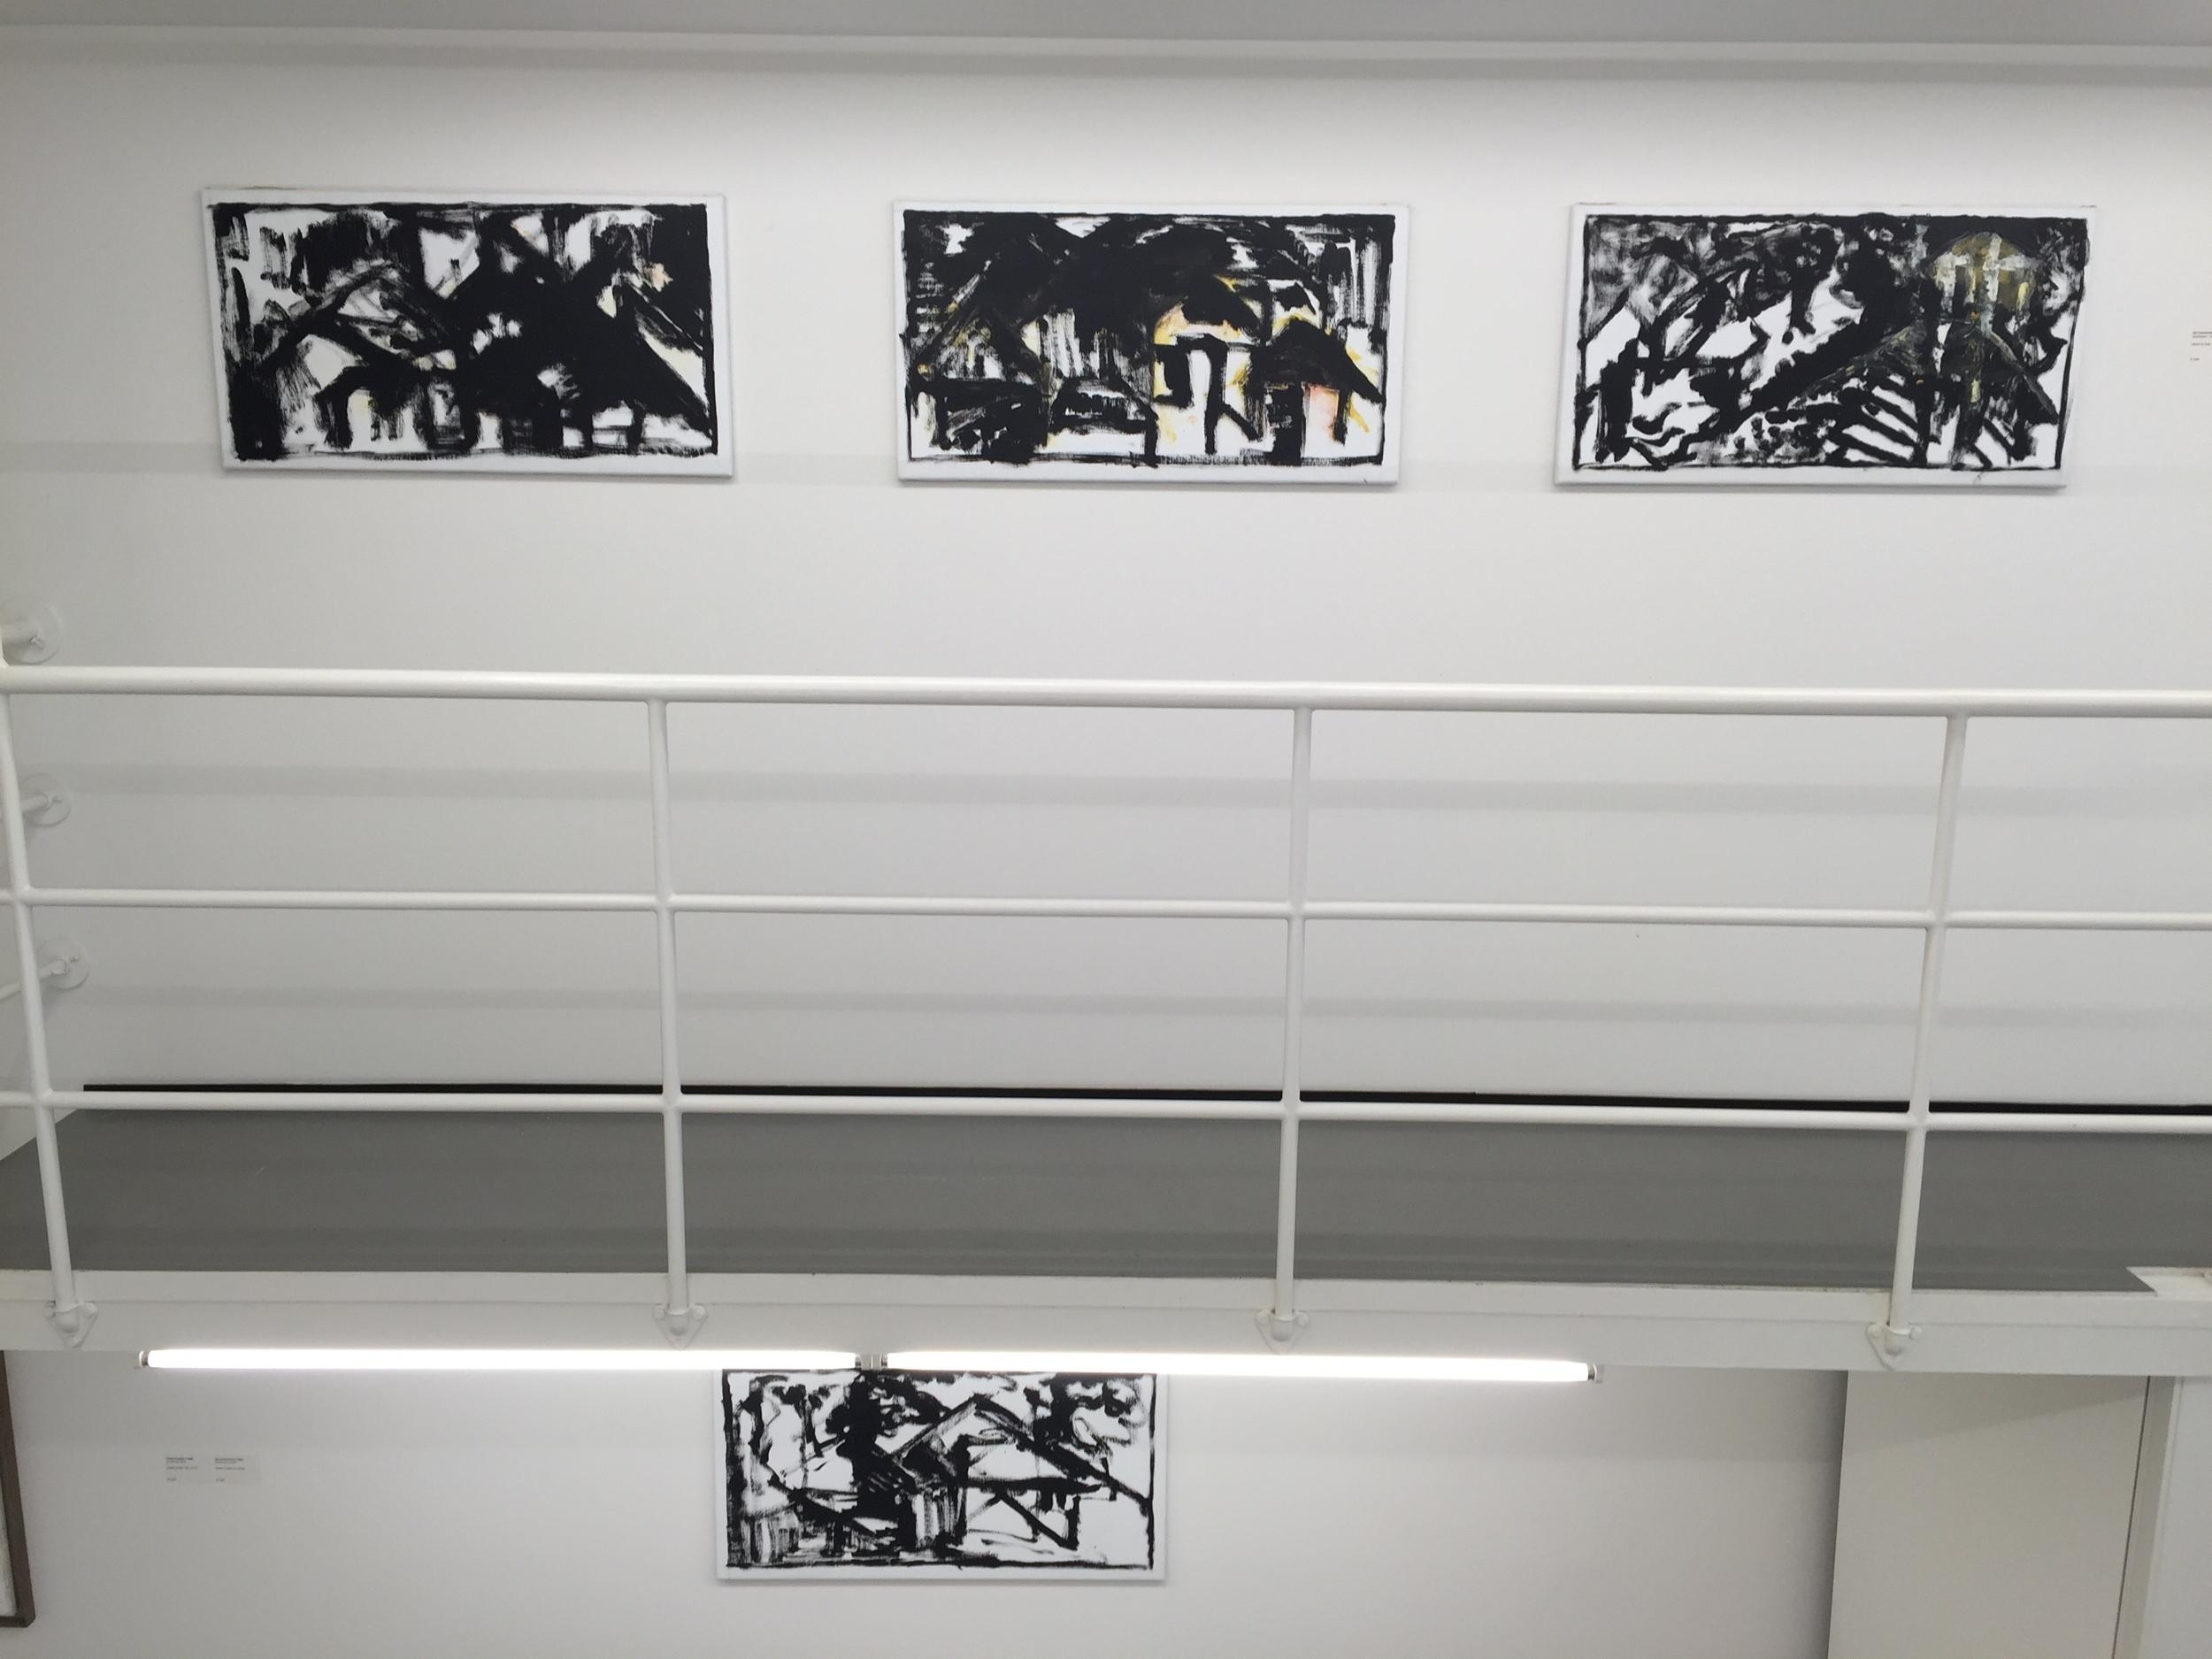 Galerie Borzo Amsterdam, 2015